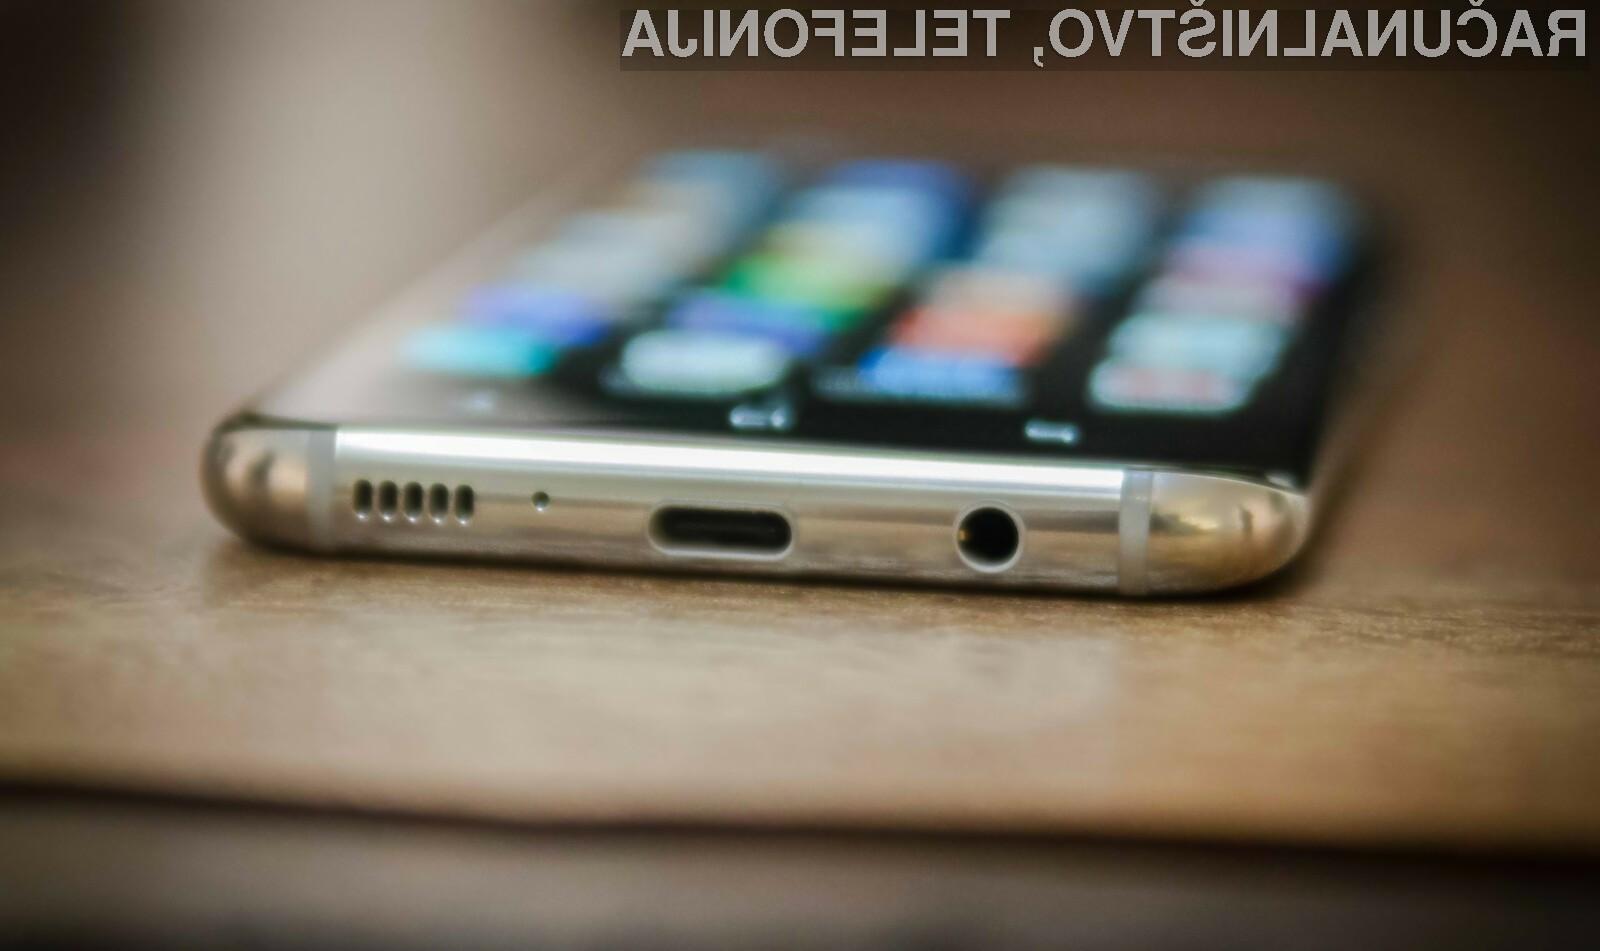 Italijanska agencija za varstvo konkurence bo razkrila, ali podjetji Apple in Samsung namerno upočasnjujeta delovanje njihovih starejših mobilnih naprav.